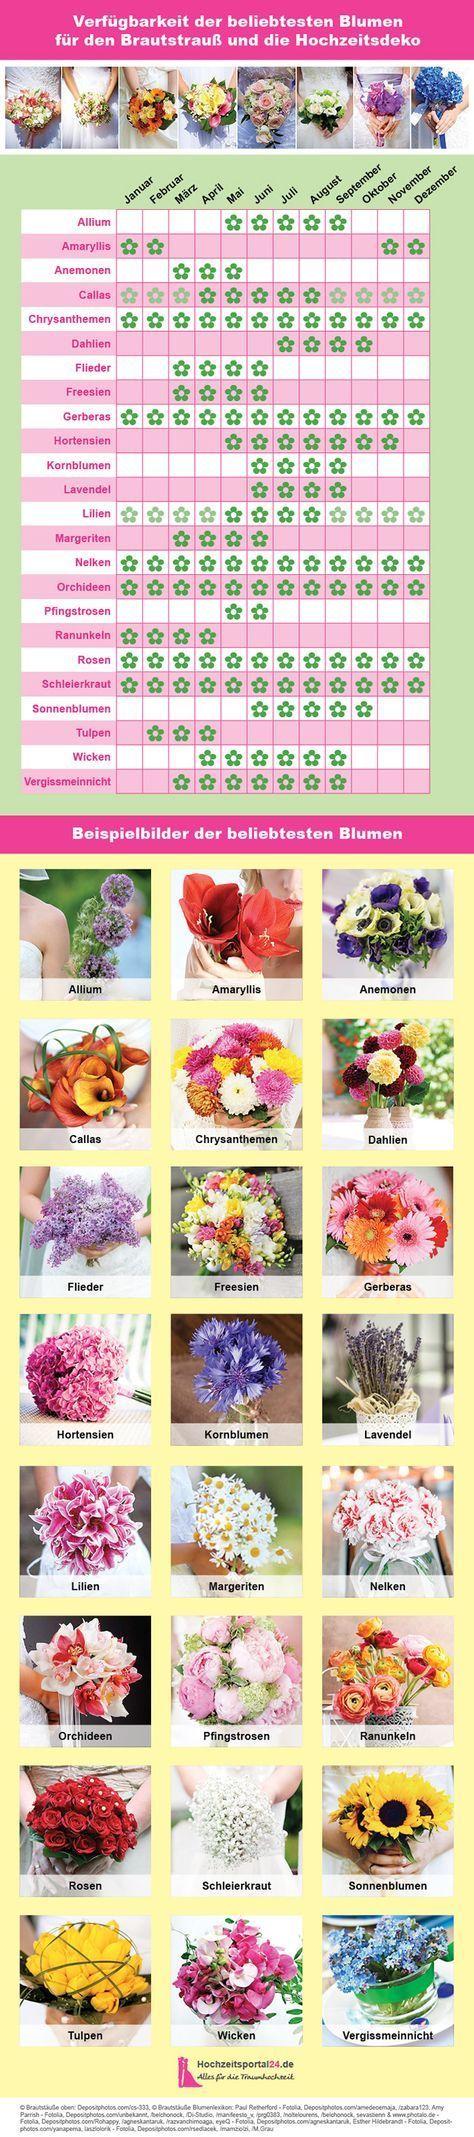 Die beliebtesten Blumen fr eure Hochzeit und wann sie berhaupt verfgbar sind in 2019